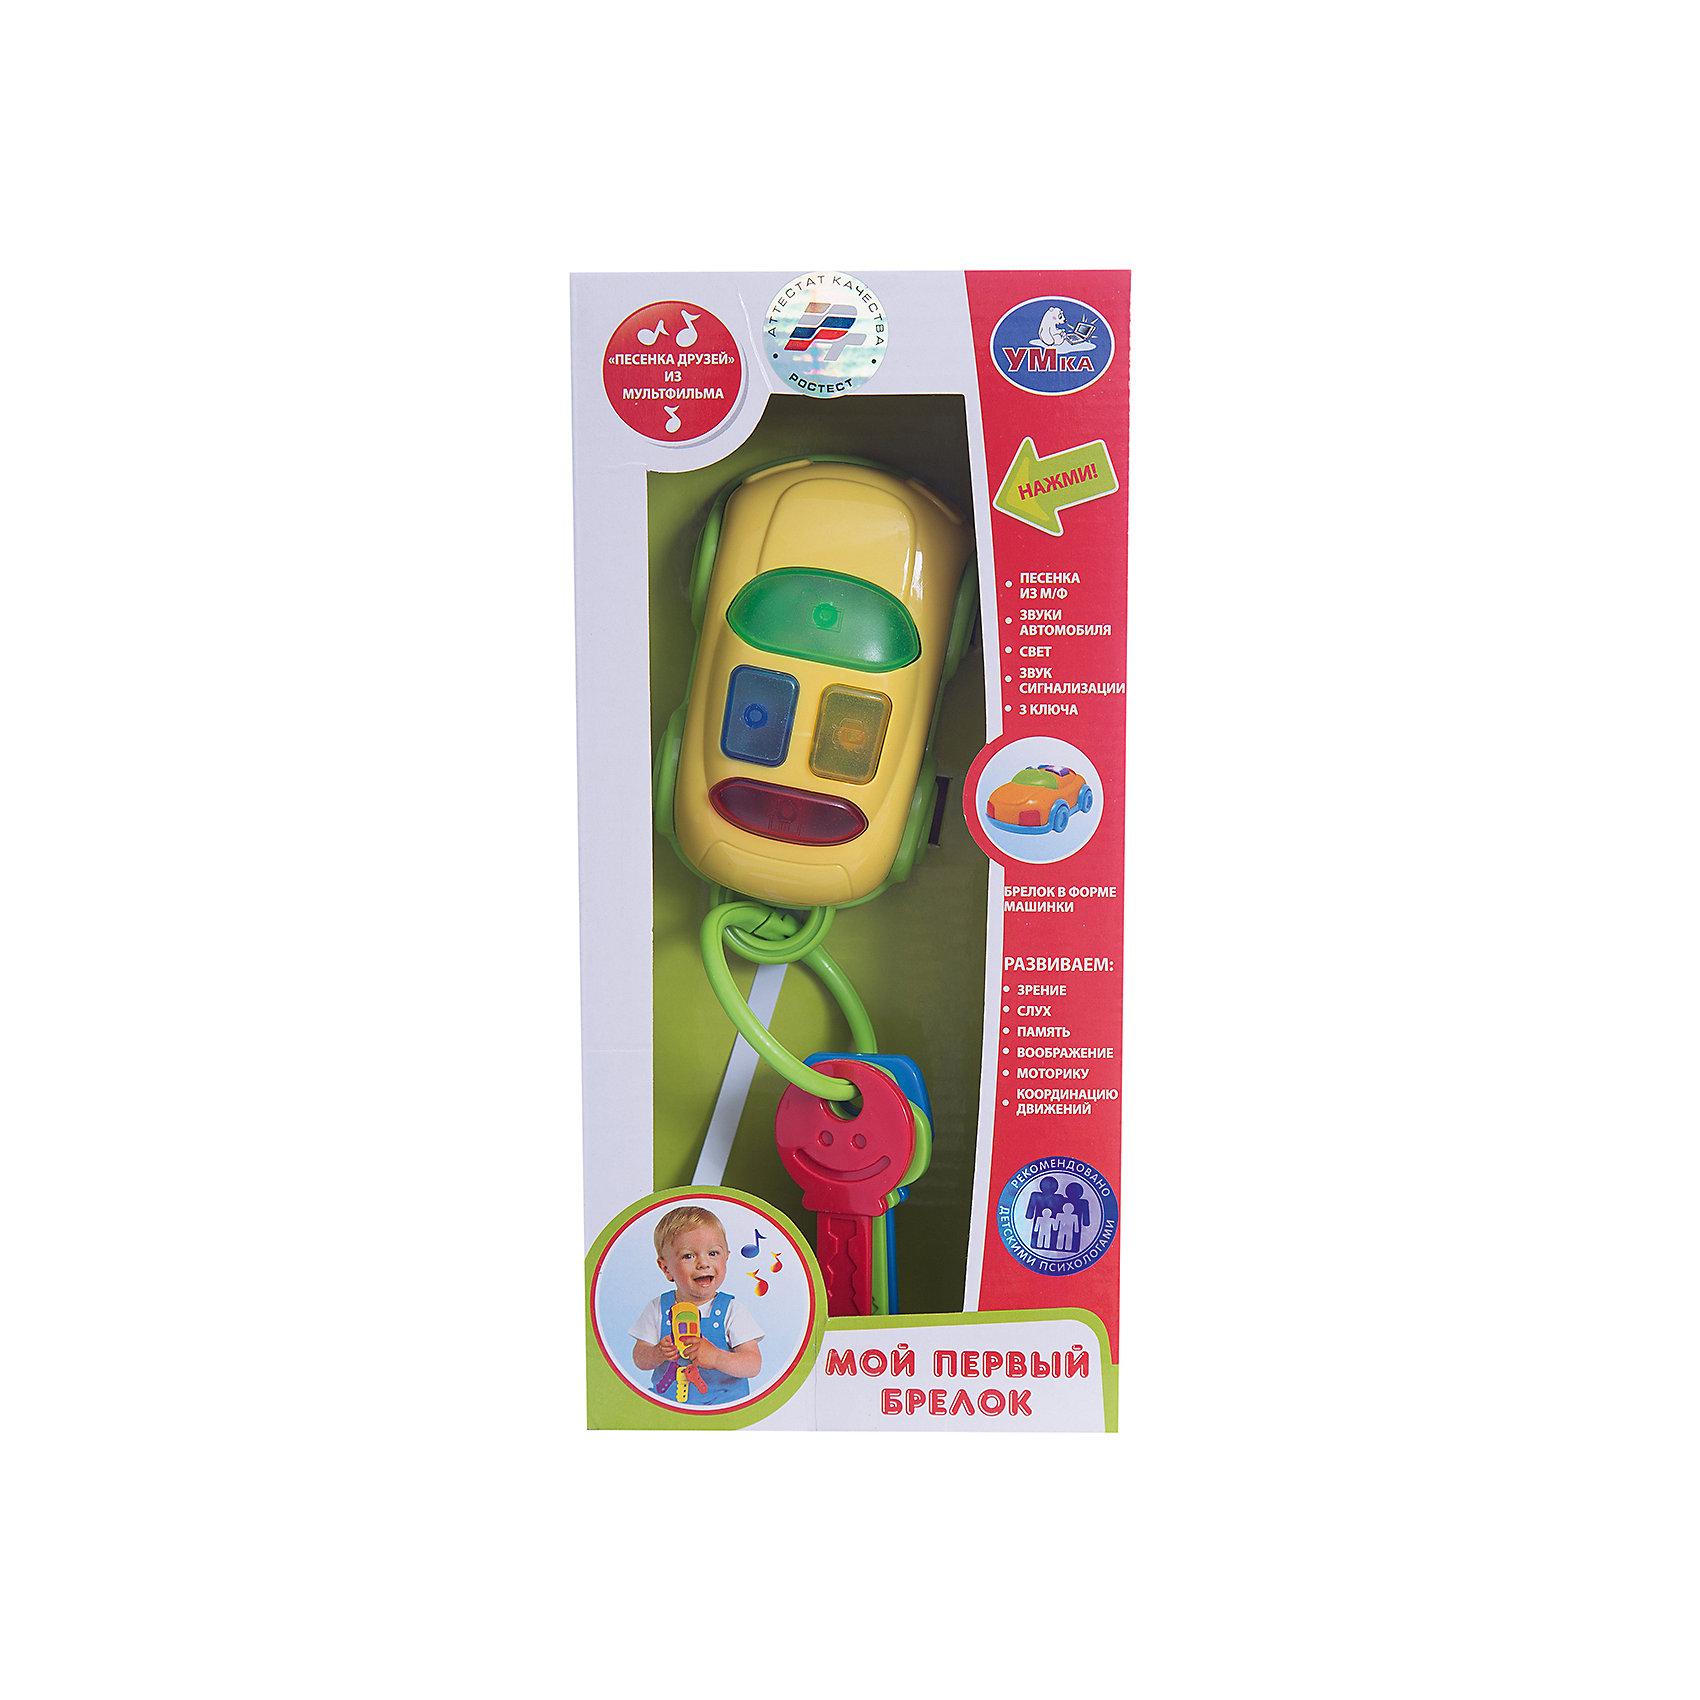 Мой первый брелок Мы едем-едем, УмкаИгрушки могут не только развлекать малыша, но и помогать его всестороннему развитию. Эта игрушка поможет формированию разных навыков, он помогает развить тактильное восприятие, цветовосприятие, звуковосприятие и мелкую моторику.<br>Изделие представляет собой игрушку из приятного на ощупь материала со звуковым и световым модулем - ребенок может надолго занять себя игрой с ней! Сделана игрушка из качественных материалов, безопасных для ребенка.<br><br>Дополнительная информация:<br><br>цвет: разноцветный;<br>материал: пластик;<br>звуковой и световой модуль;<br>размер упаковки: 50 x 120 x 240 мм.<br><br>Игрушку Мой первый брелок Мы едем-едем от бренда Умка можно купить в нашем магазине.<br><br>Ширина мм: 50<br>Глубина мм: 120<br>Высота мм: 240<br>Вес г: 190<br>Возраст от месяцев: 36<br>Возраст до месяцев: 2147483647<br>Пол: Унисекс<br>Возраст: Детский<br>SKU: 5002260